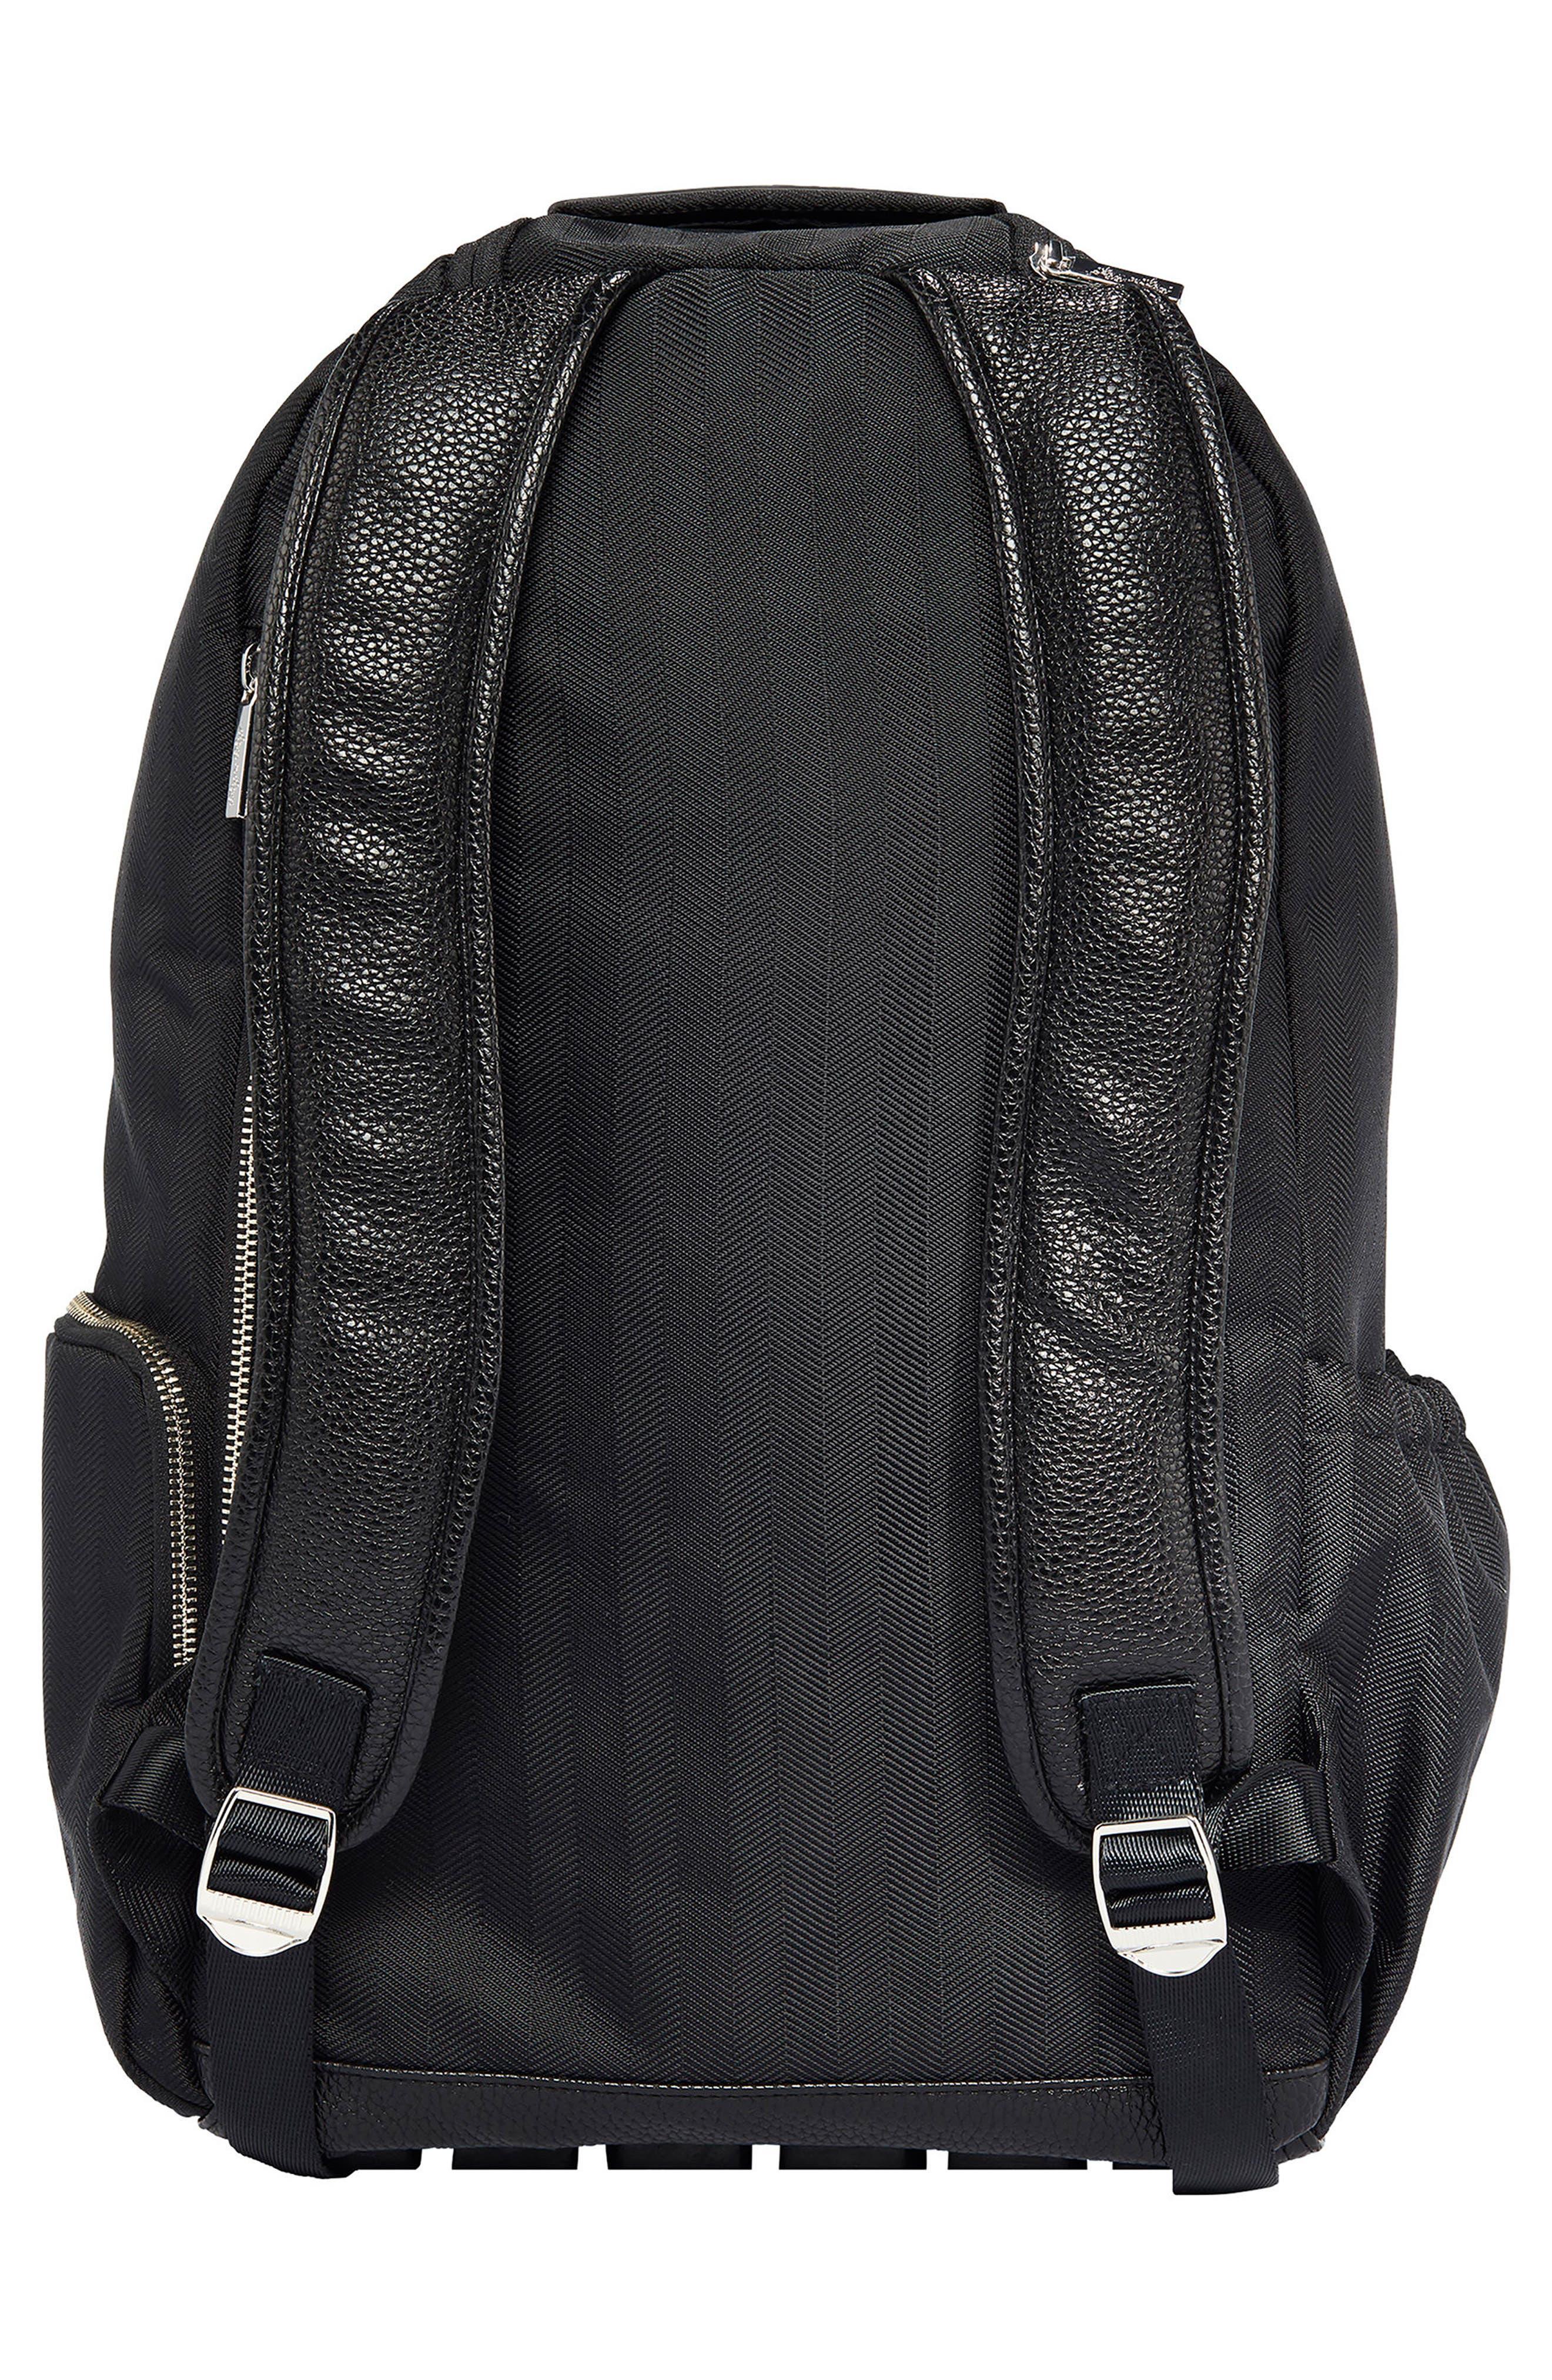 Diaper Bag Backpack,                             Alternate thumbnail 2, color,                             BLACK HERRINGBONE